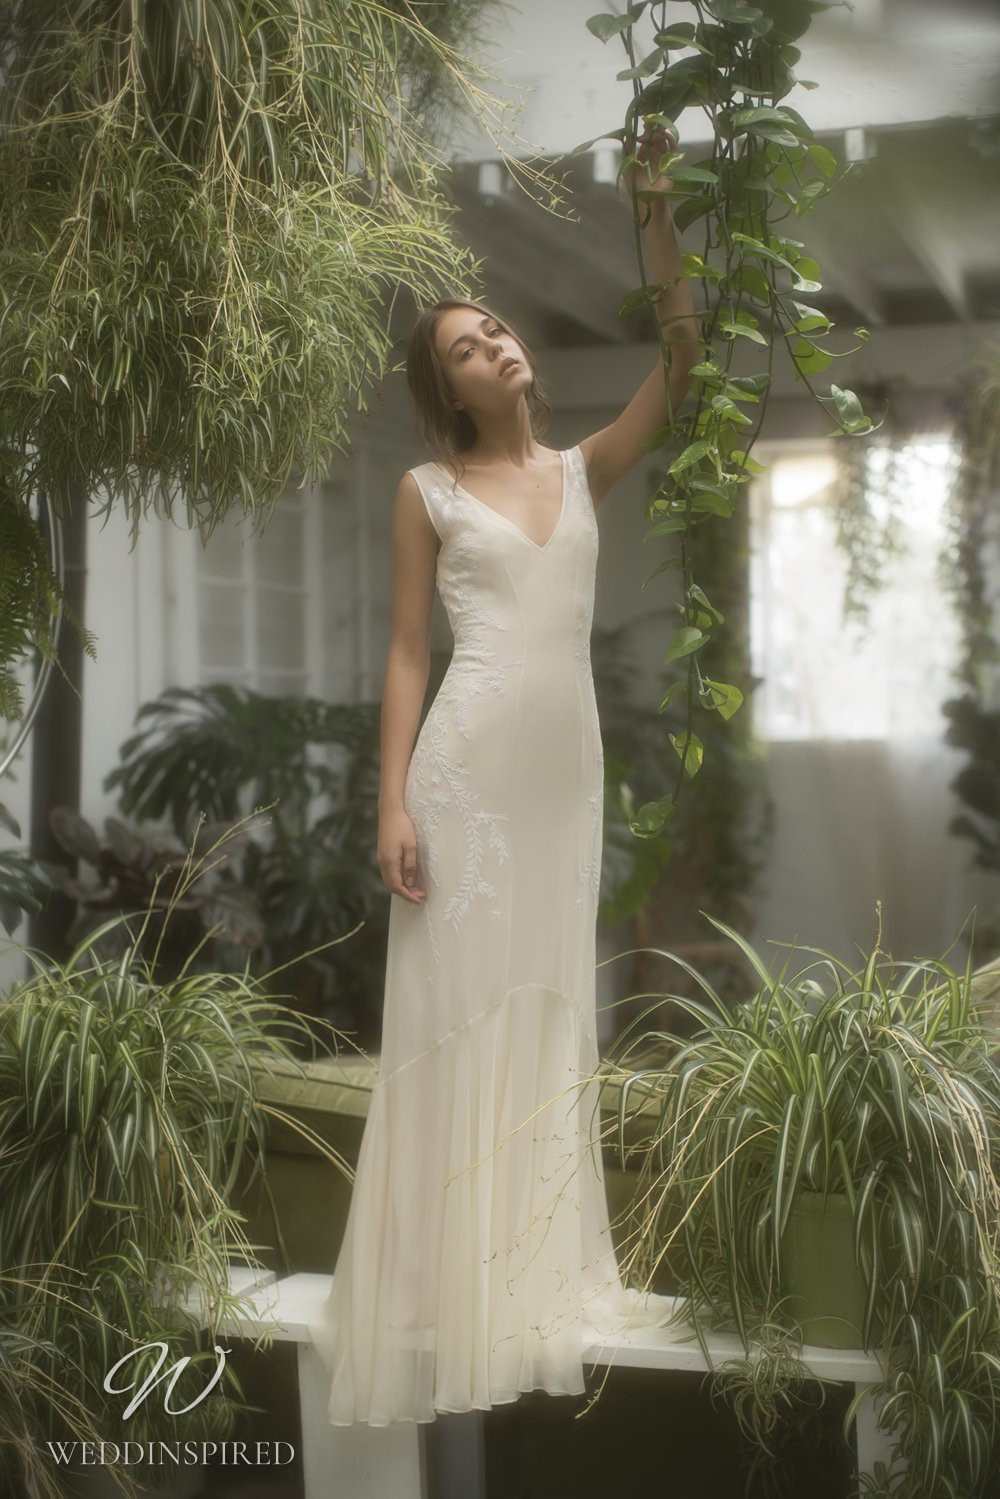 An Olwen Bourke soft flowy chiffon sheath wedding dress with a v neck